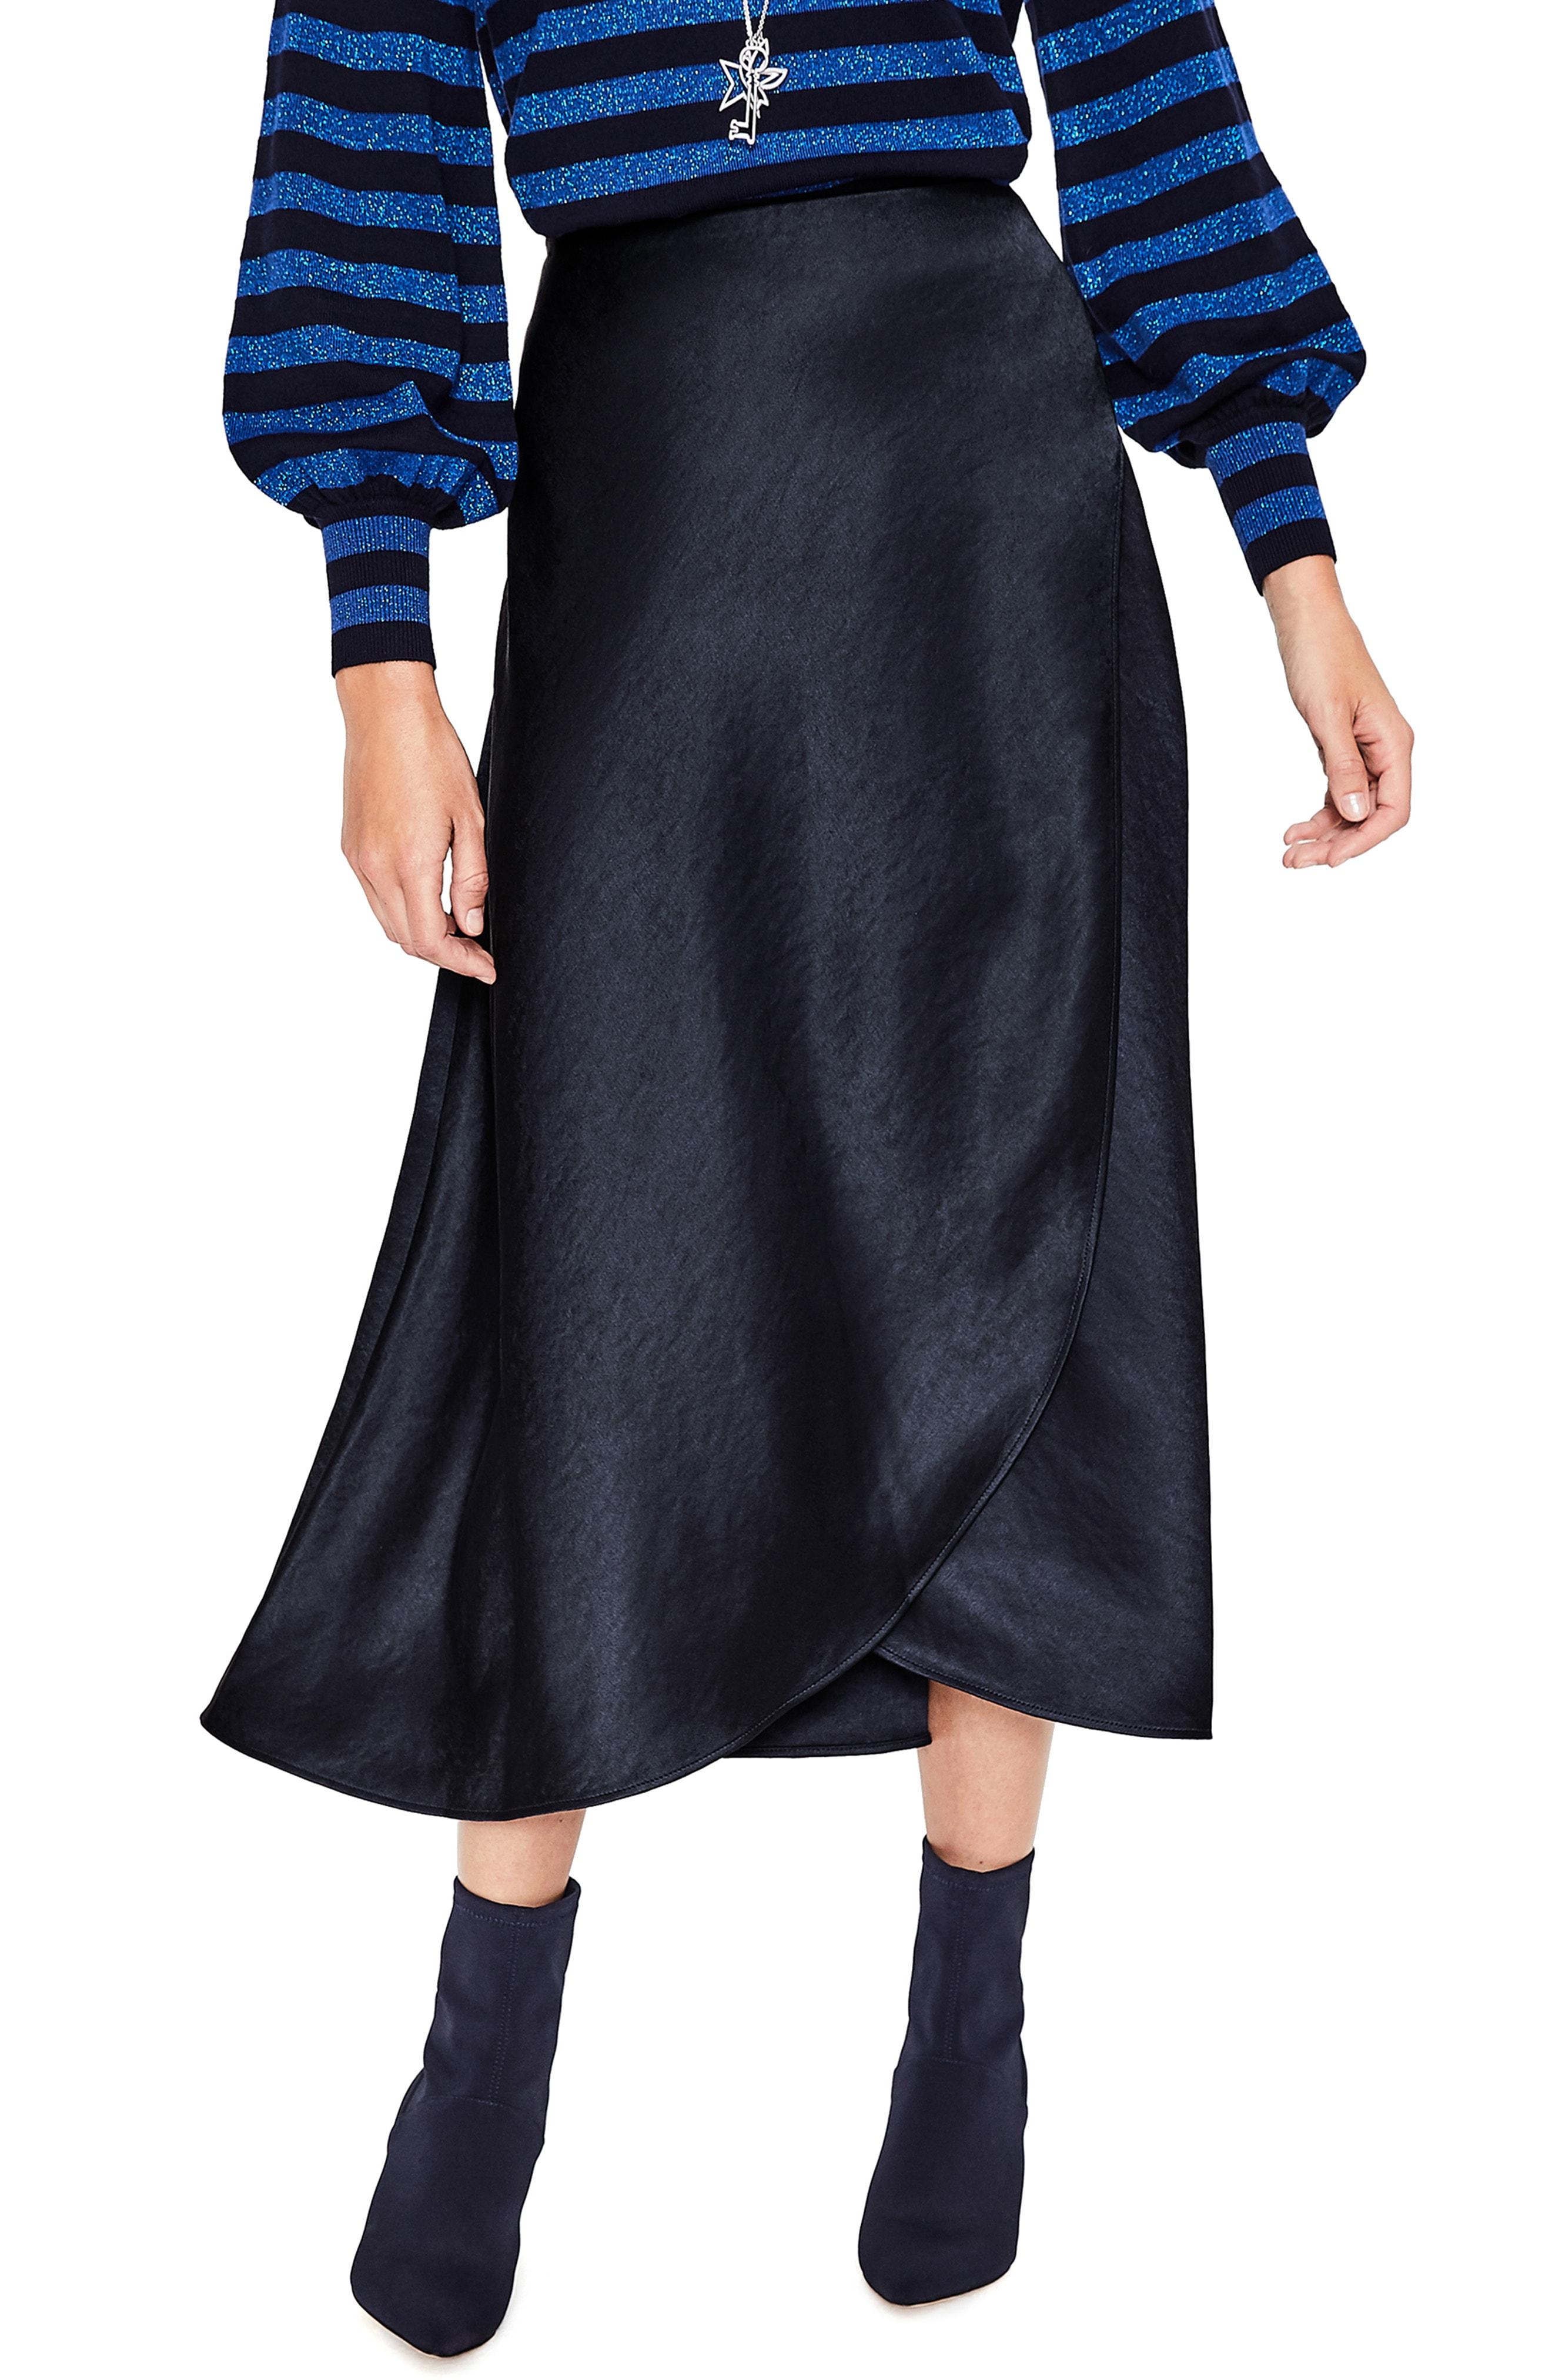 Boden Epsom Midi Skirt